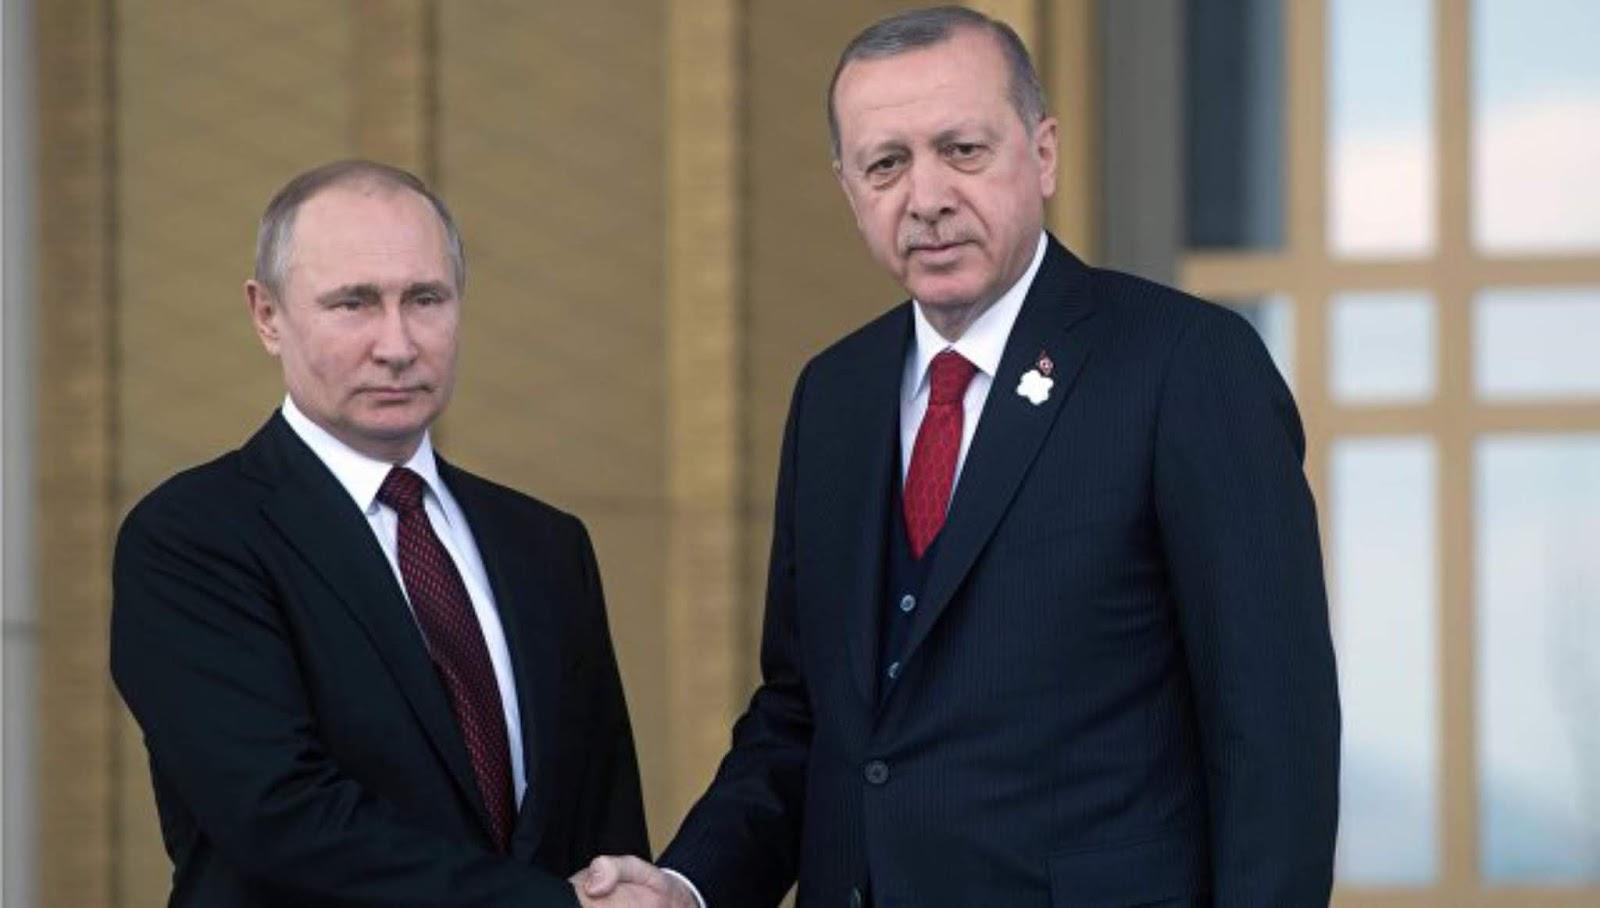 Kerja sama erat dengan Rusia menimbulkan kecemburuan orang lain